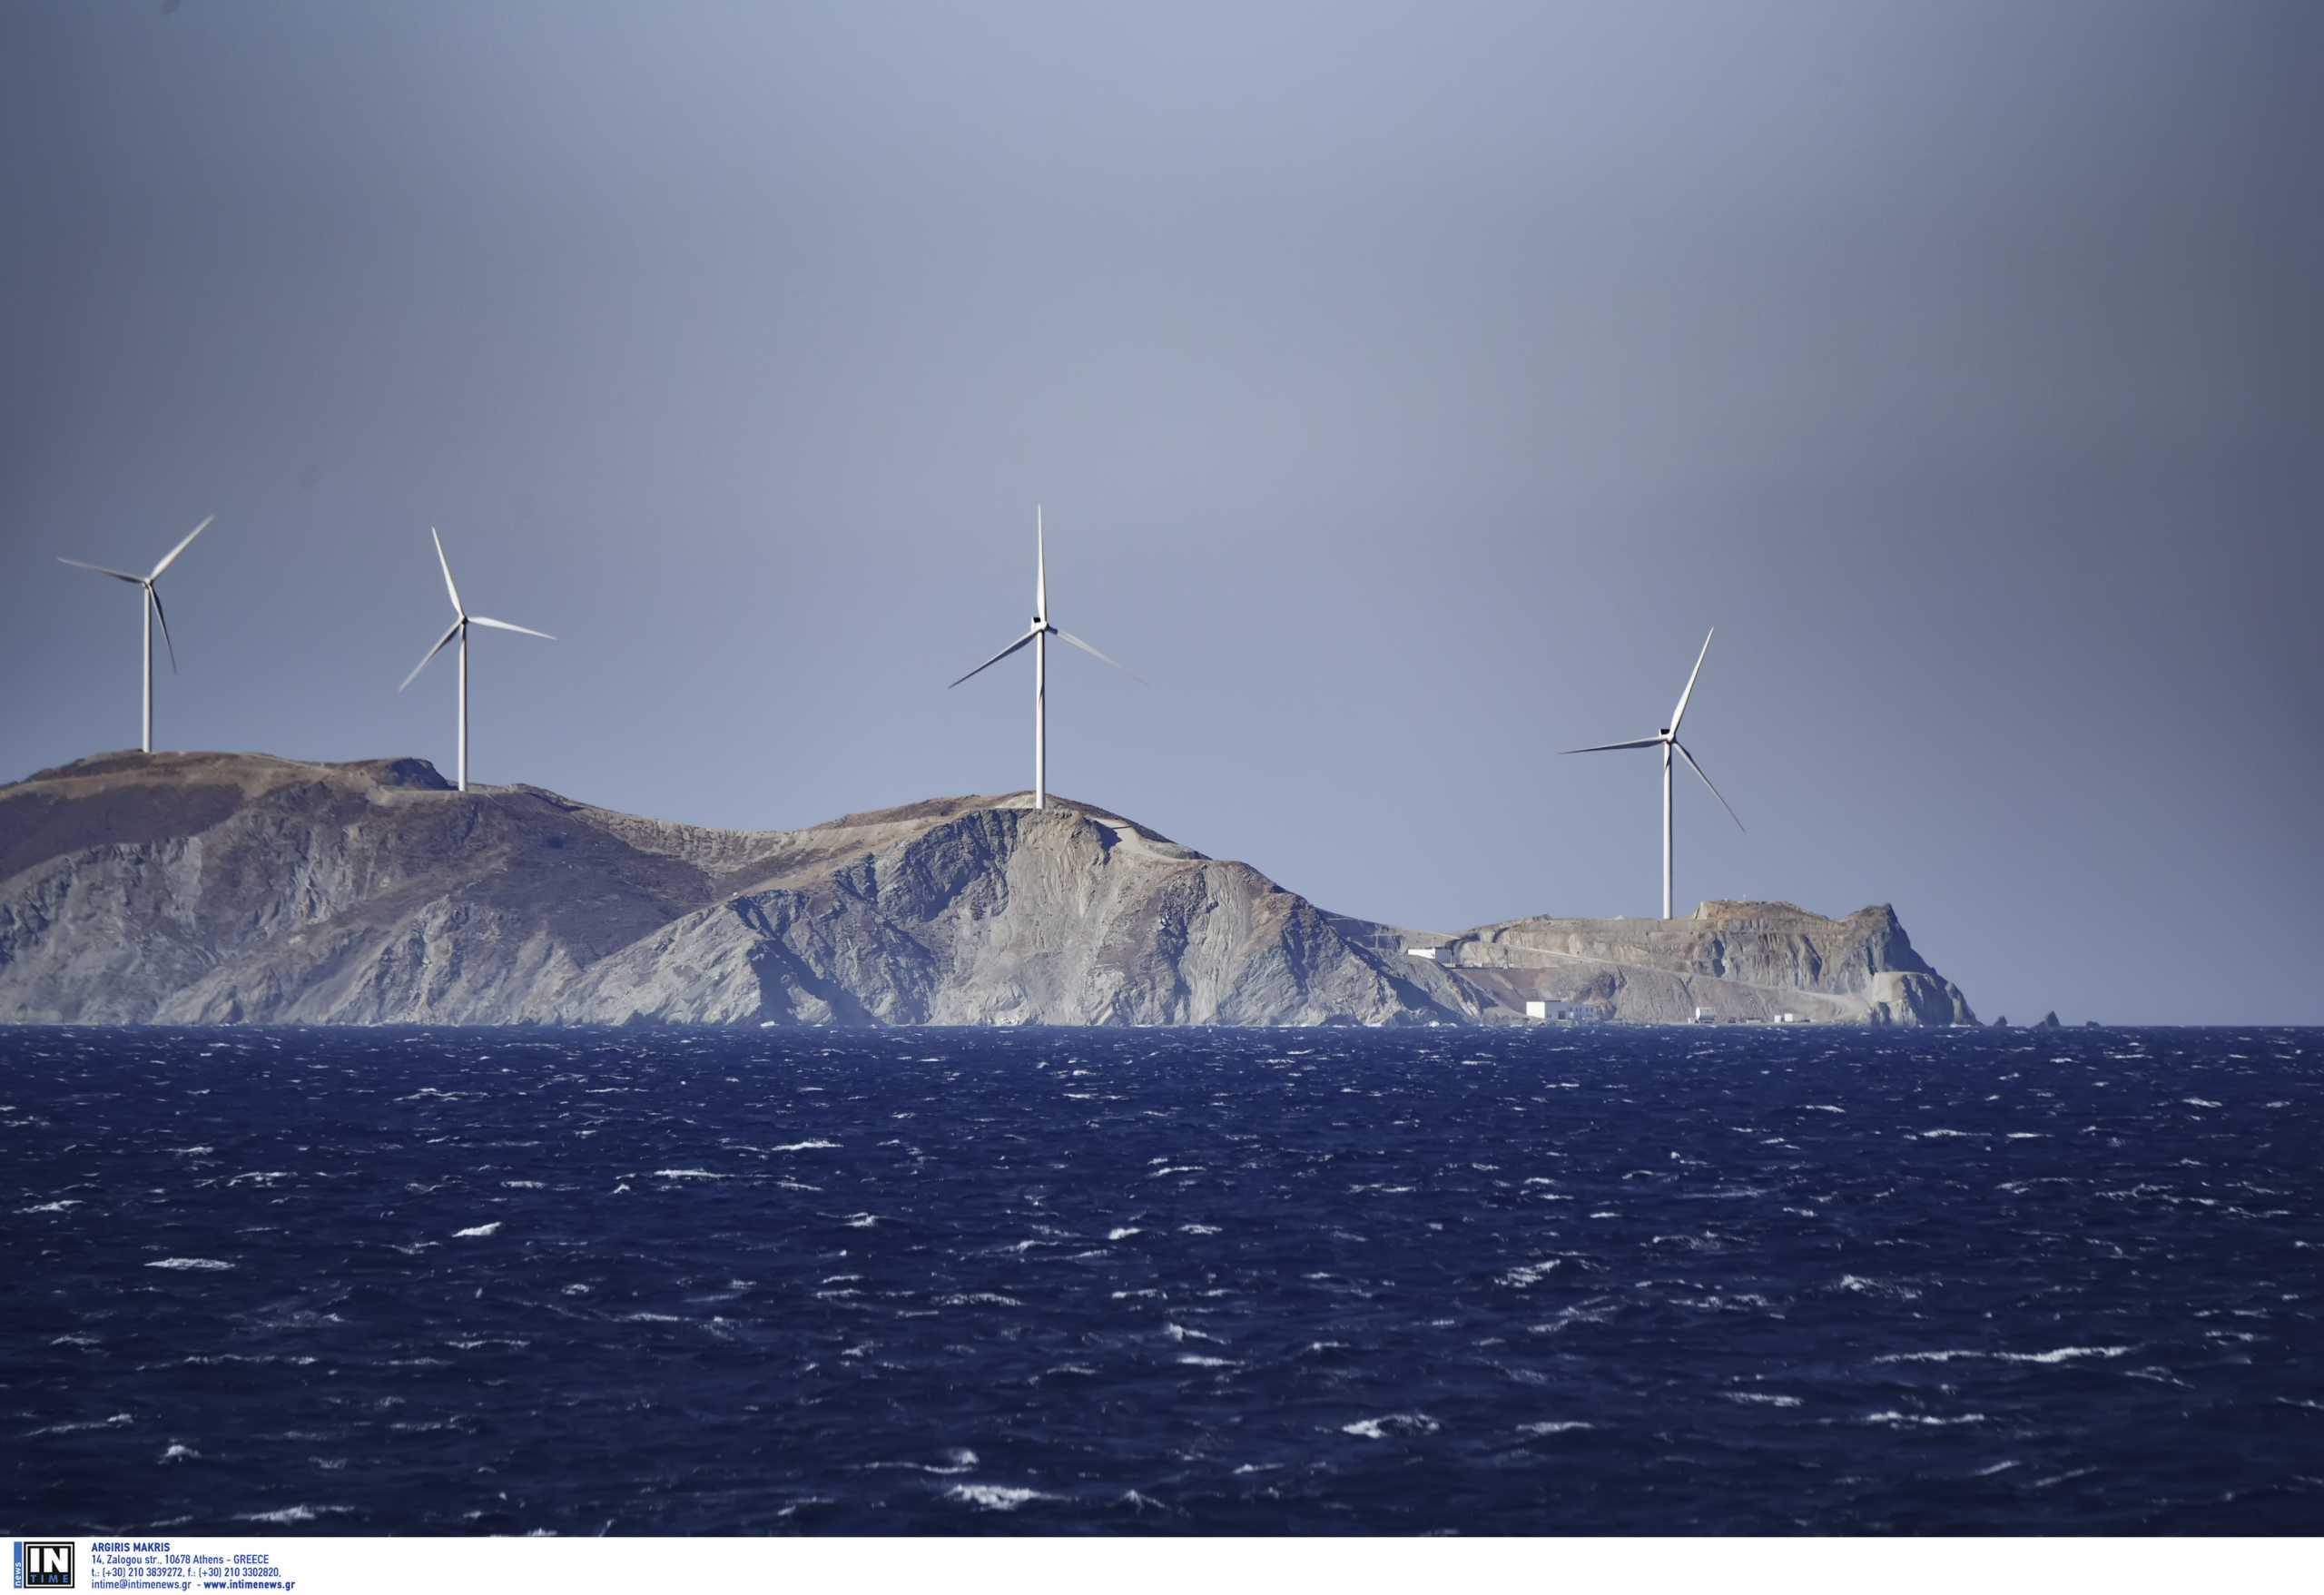 Ανανεώσιμες Πηγές Ενέργειας:  Παράταση προθεσμιών σε νέα έργα, λόγω κορονοϊού